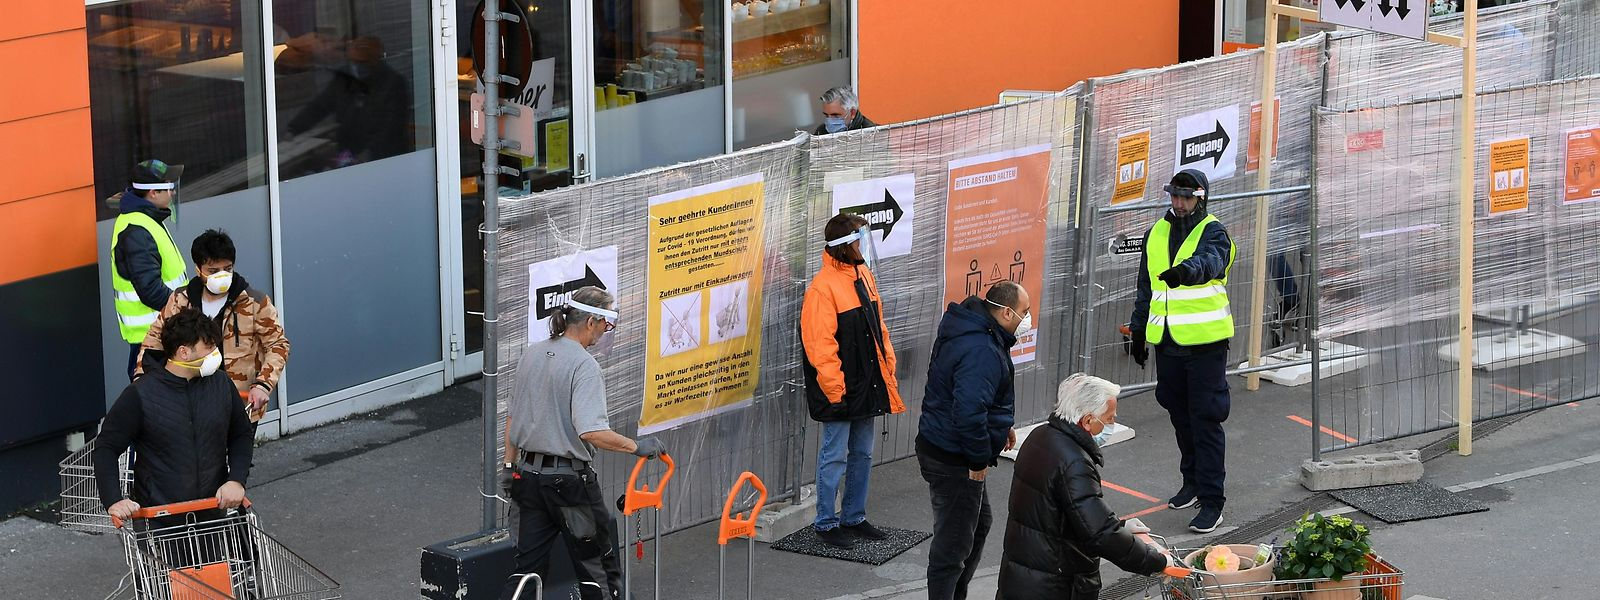 Ein Mitarbeiter (r.) koordiniert Kunden am Eingang eines Baumarktes in Wien. Mit der stufenweise Lockerung der Anti-Corona-Maßnahmen wagt Österreich als eines der ersten Länder in Europa einen Schritt in Richtung Normalität.